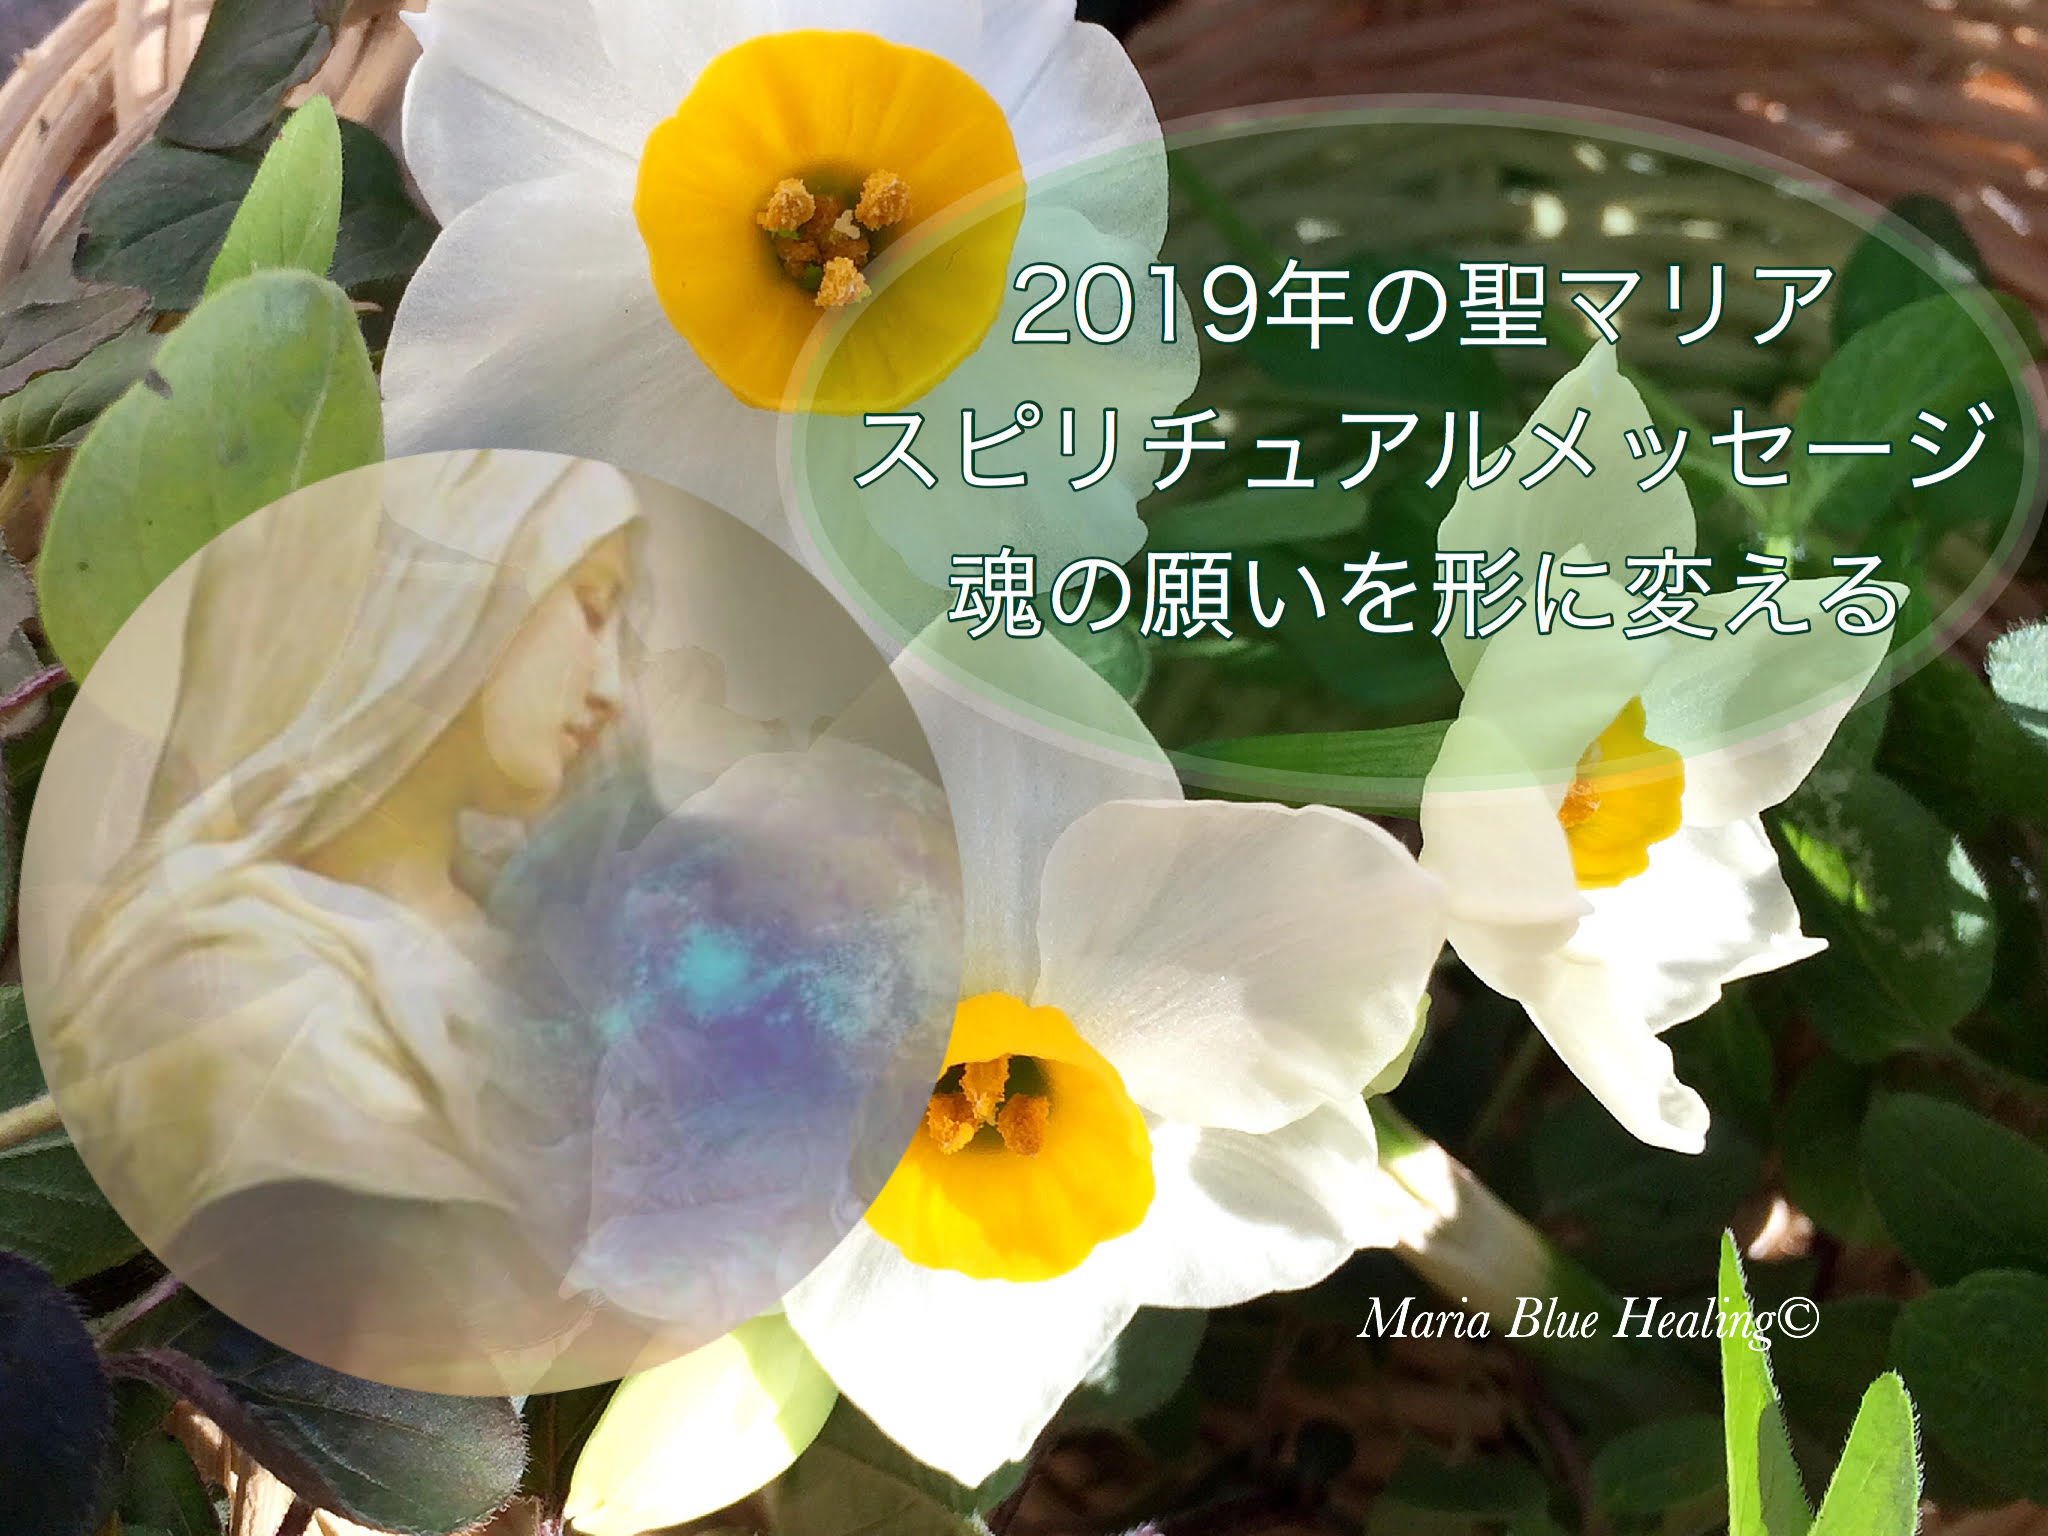 2019年の聖マリアメッセージ 画像水仙